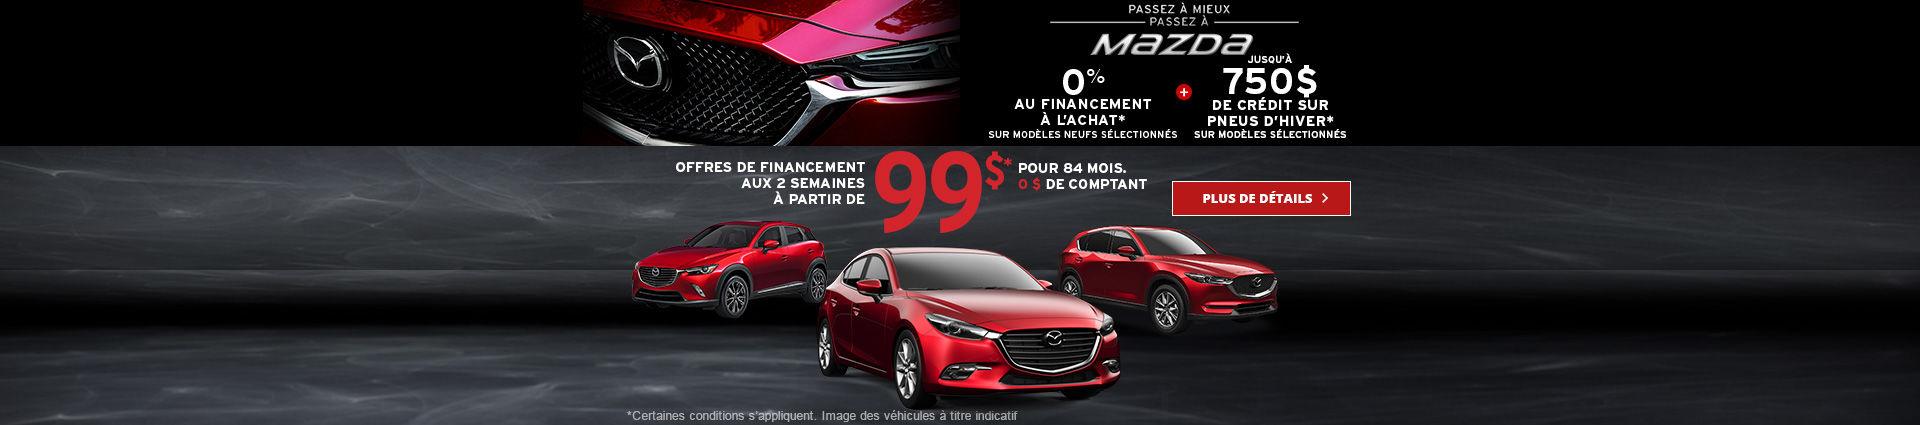 l'Événement Passez à mieux, passez à Mazda